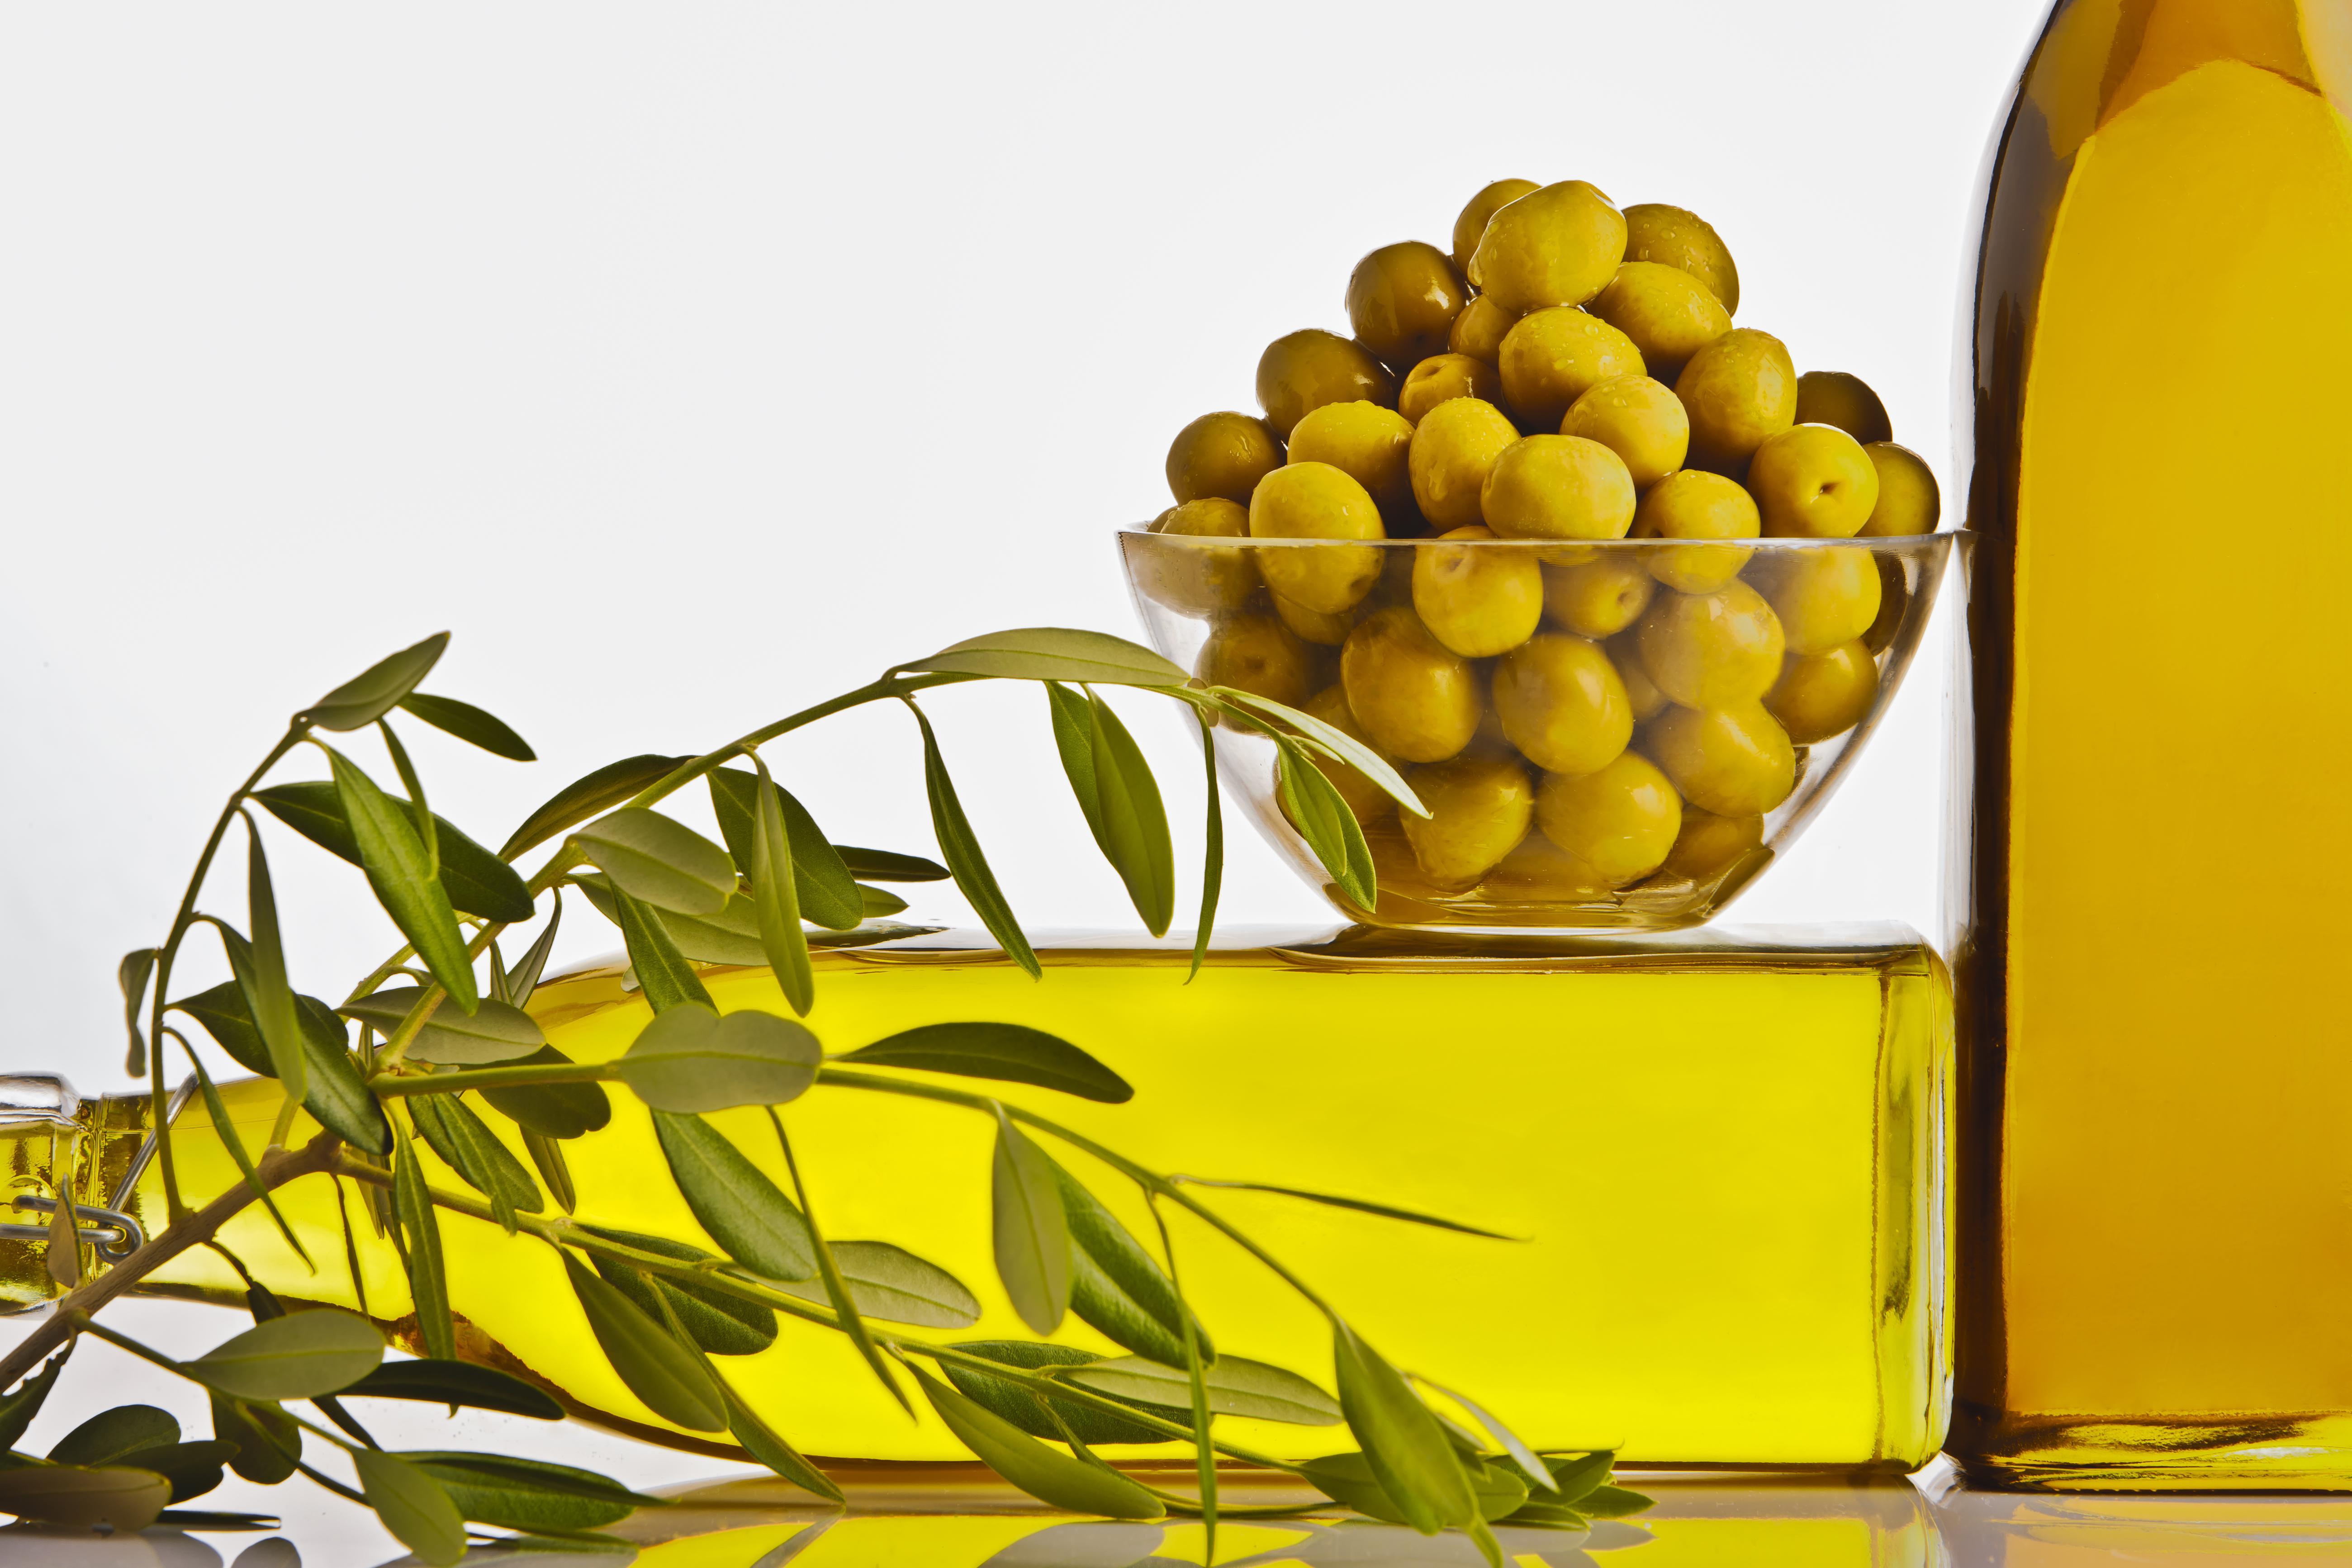 Olive oil bottles with olives